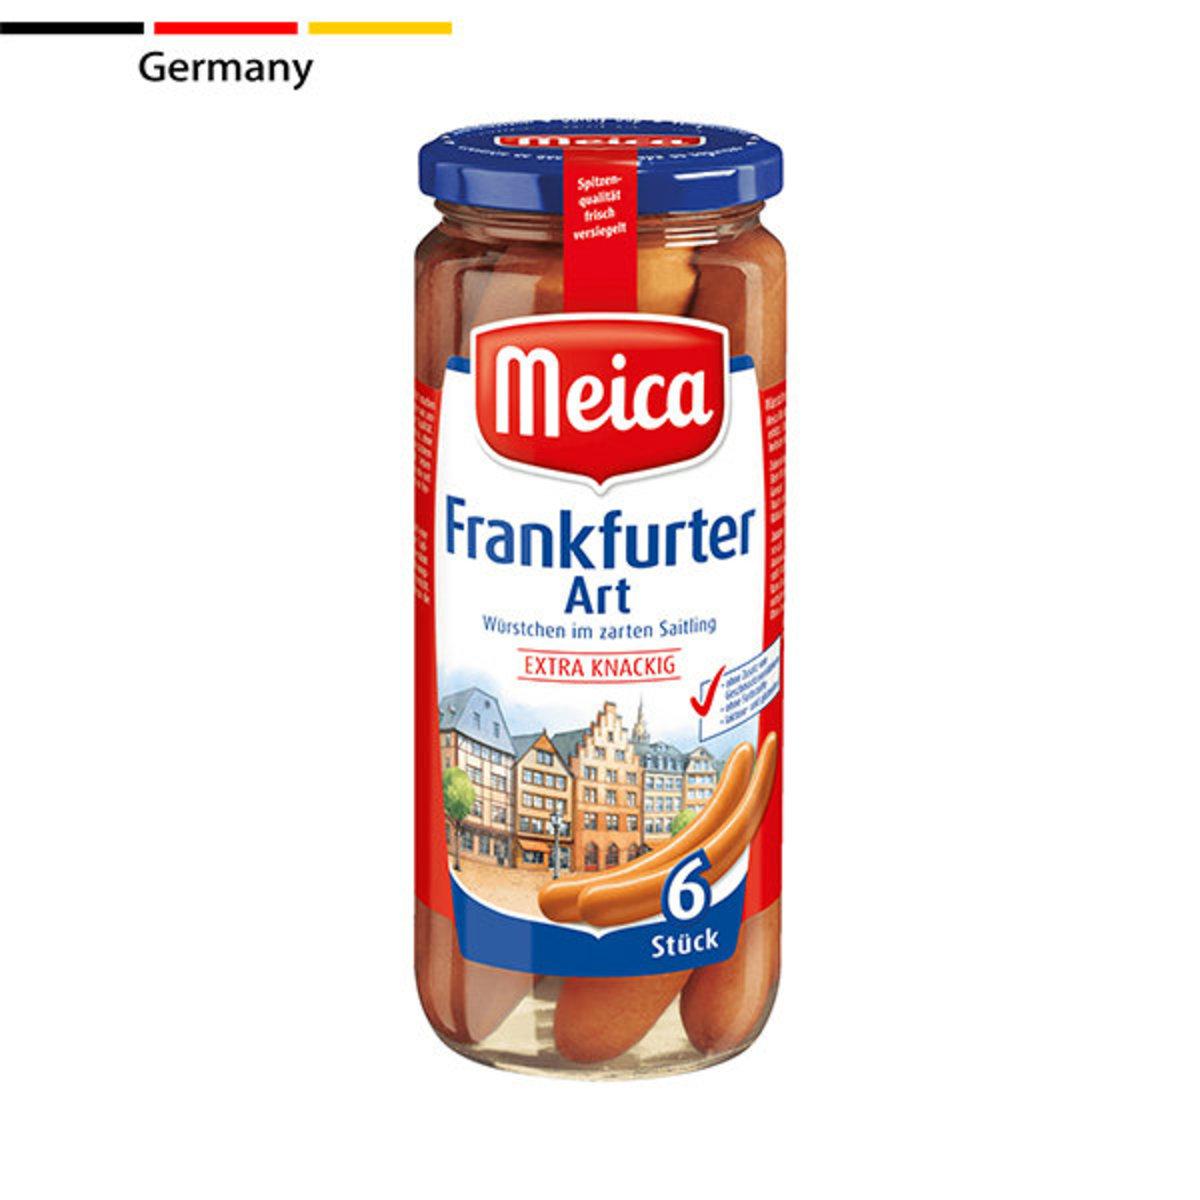 法蘭克福香腸 - 煙燻豬肉 - 6條 - 540G  (平行進口)